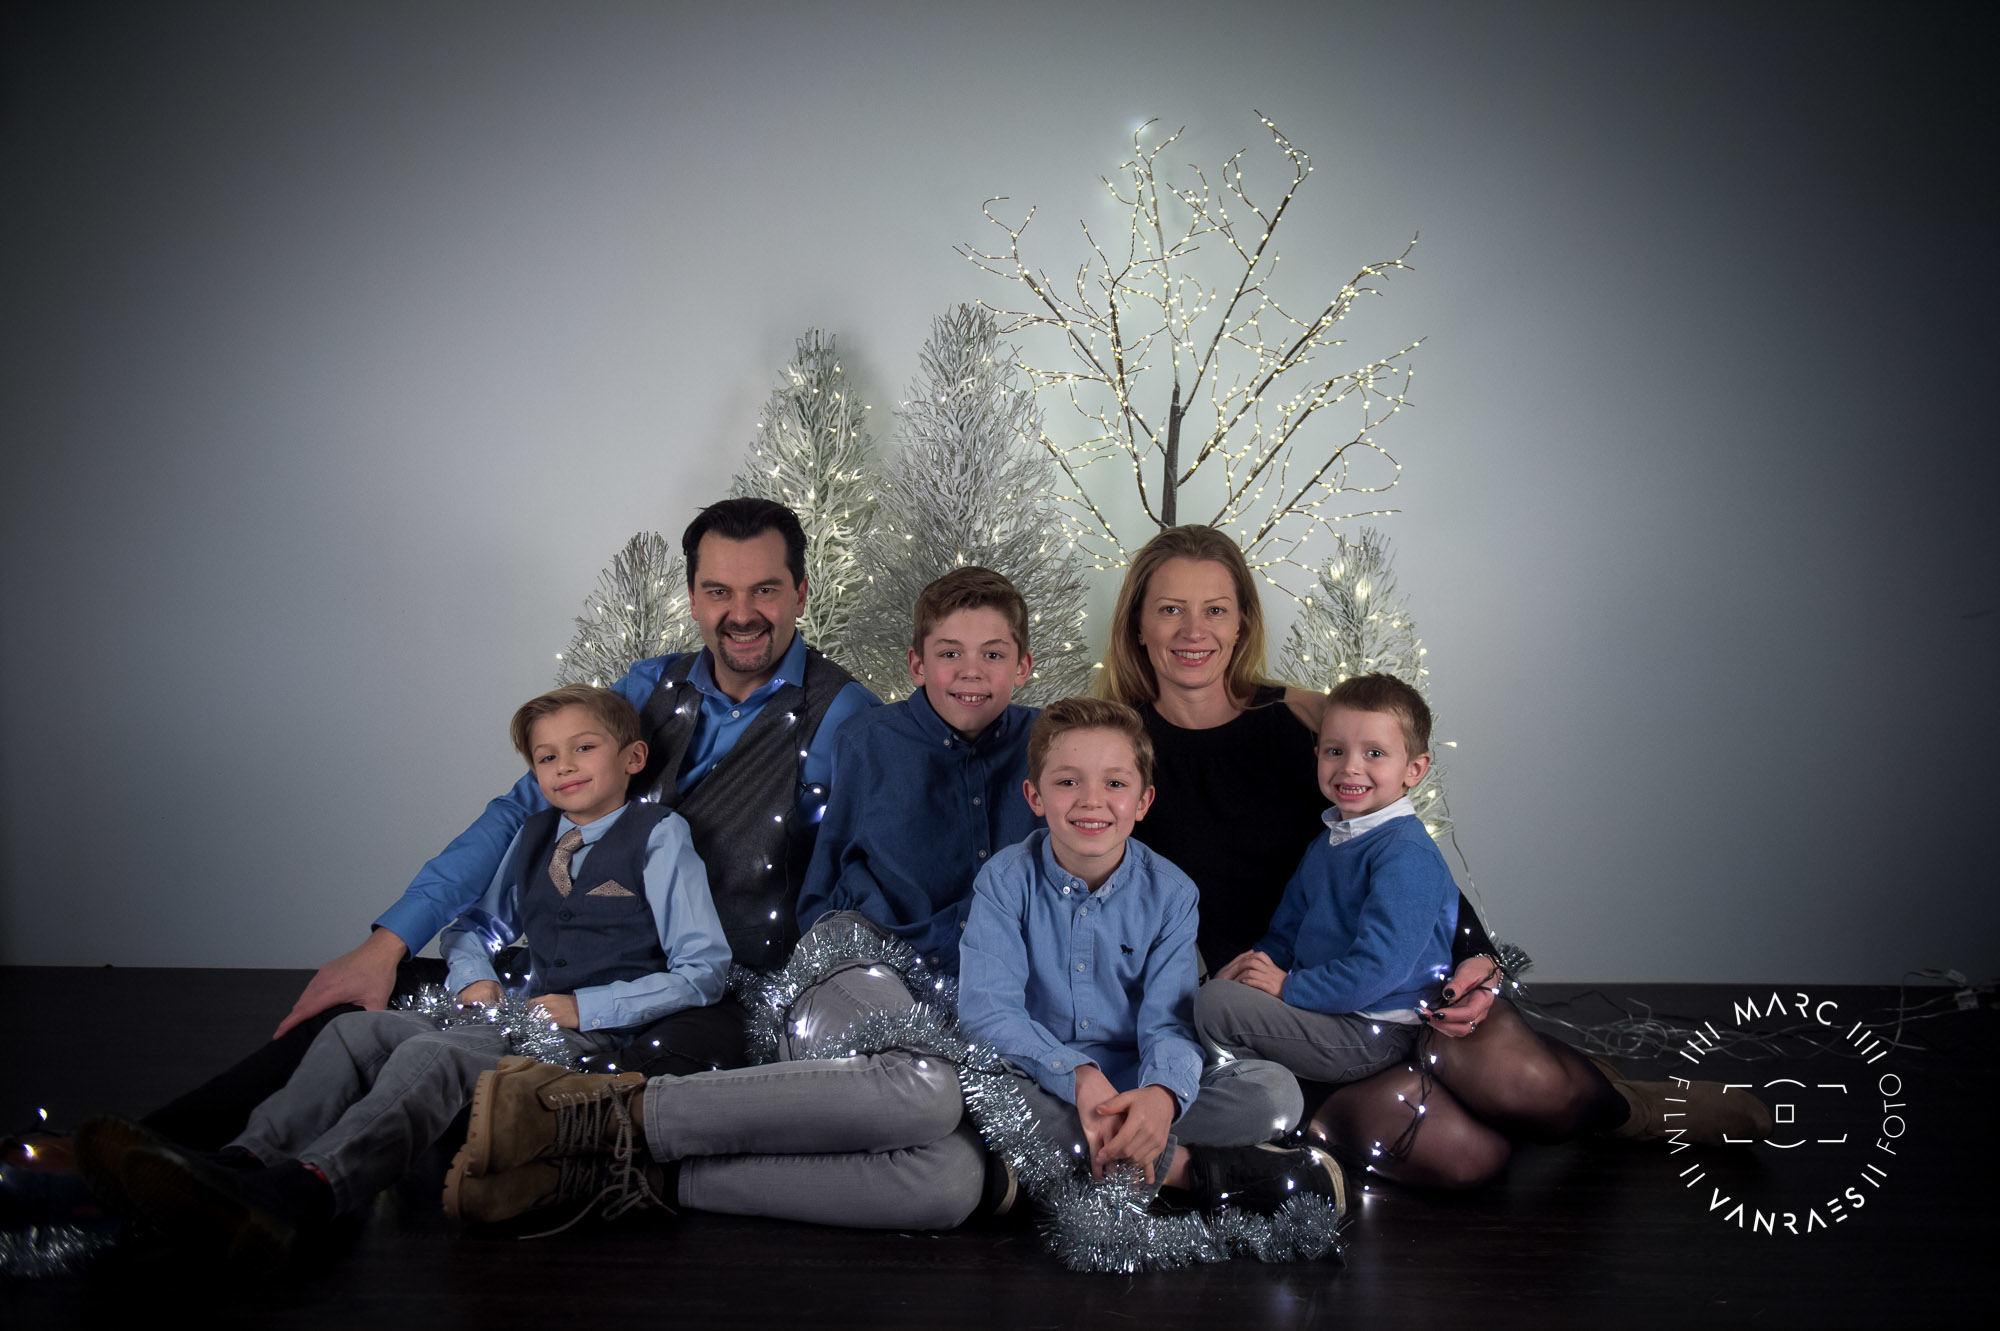 © De gezinsfoto's zijn genomen door Fotogr© De gezinsfoto's zijn genomen door Fotografie Marc Vanraes